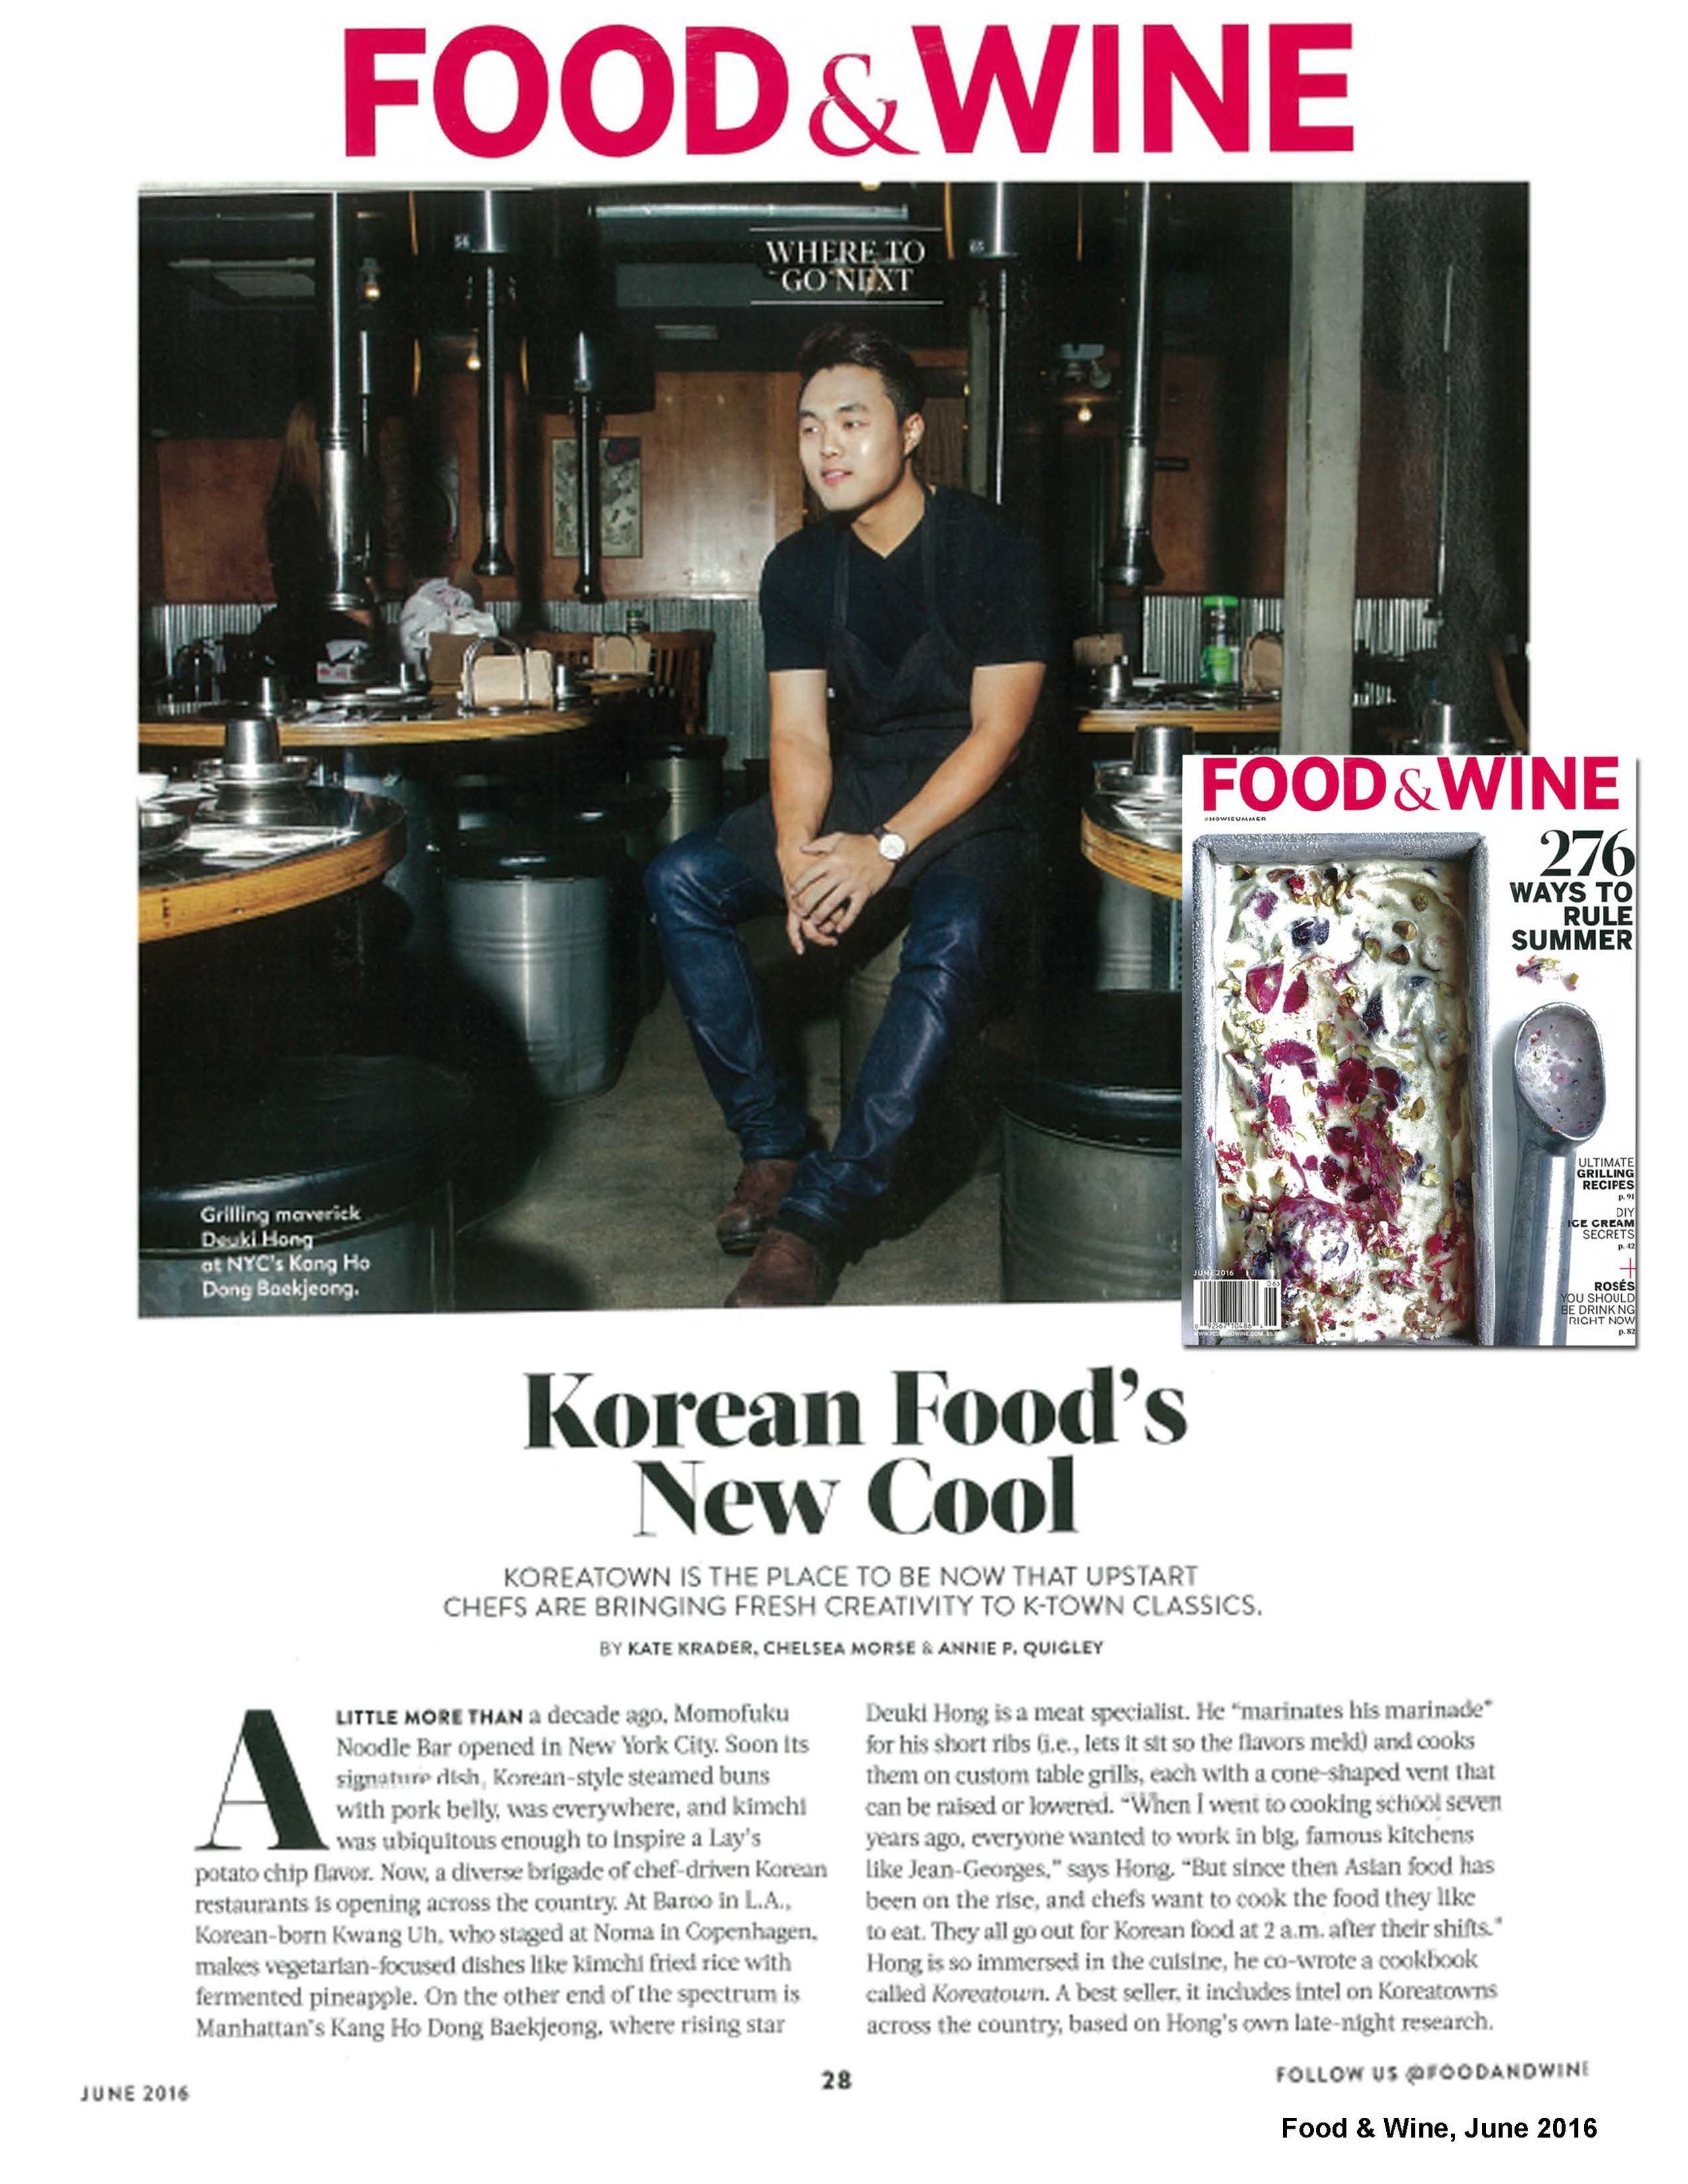 WEBSITE_Food and Wine_Koreatown_June 2016.jpg